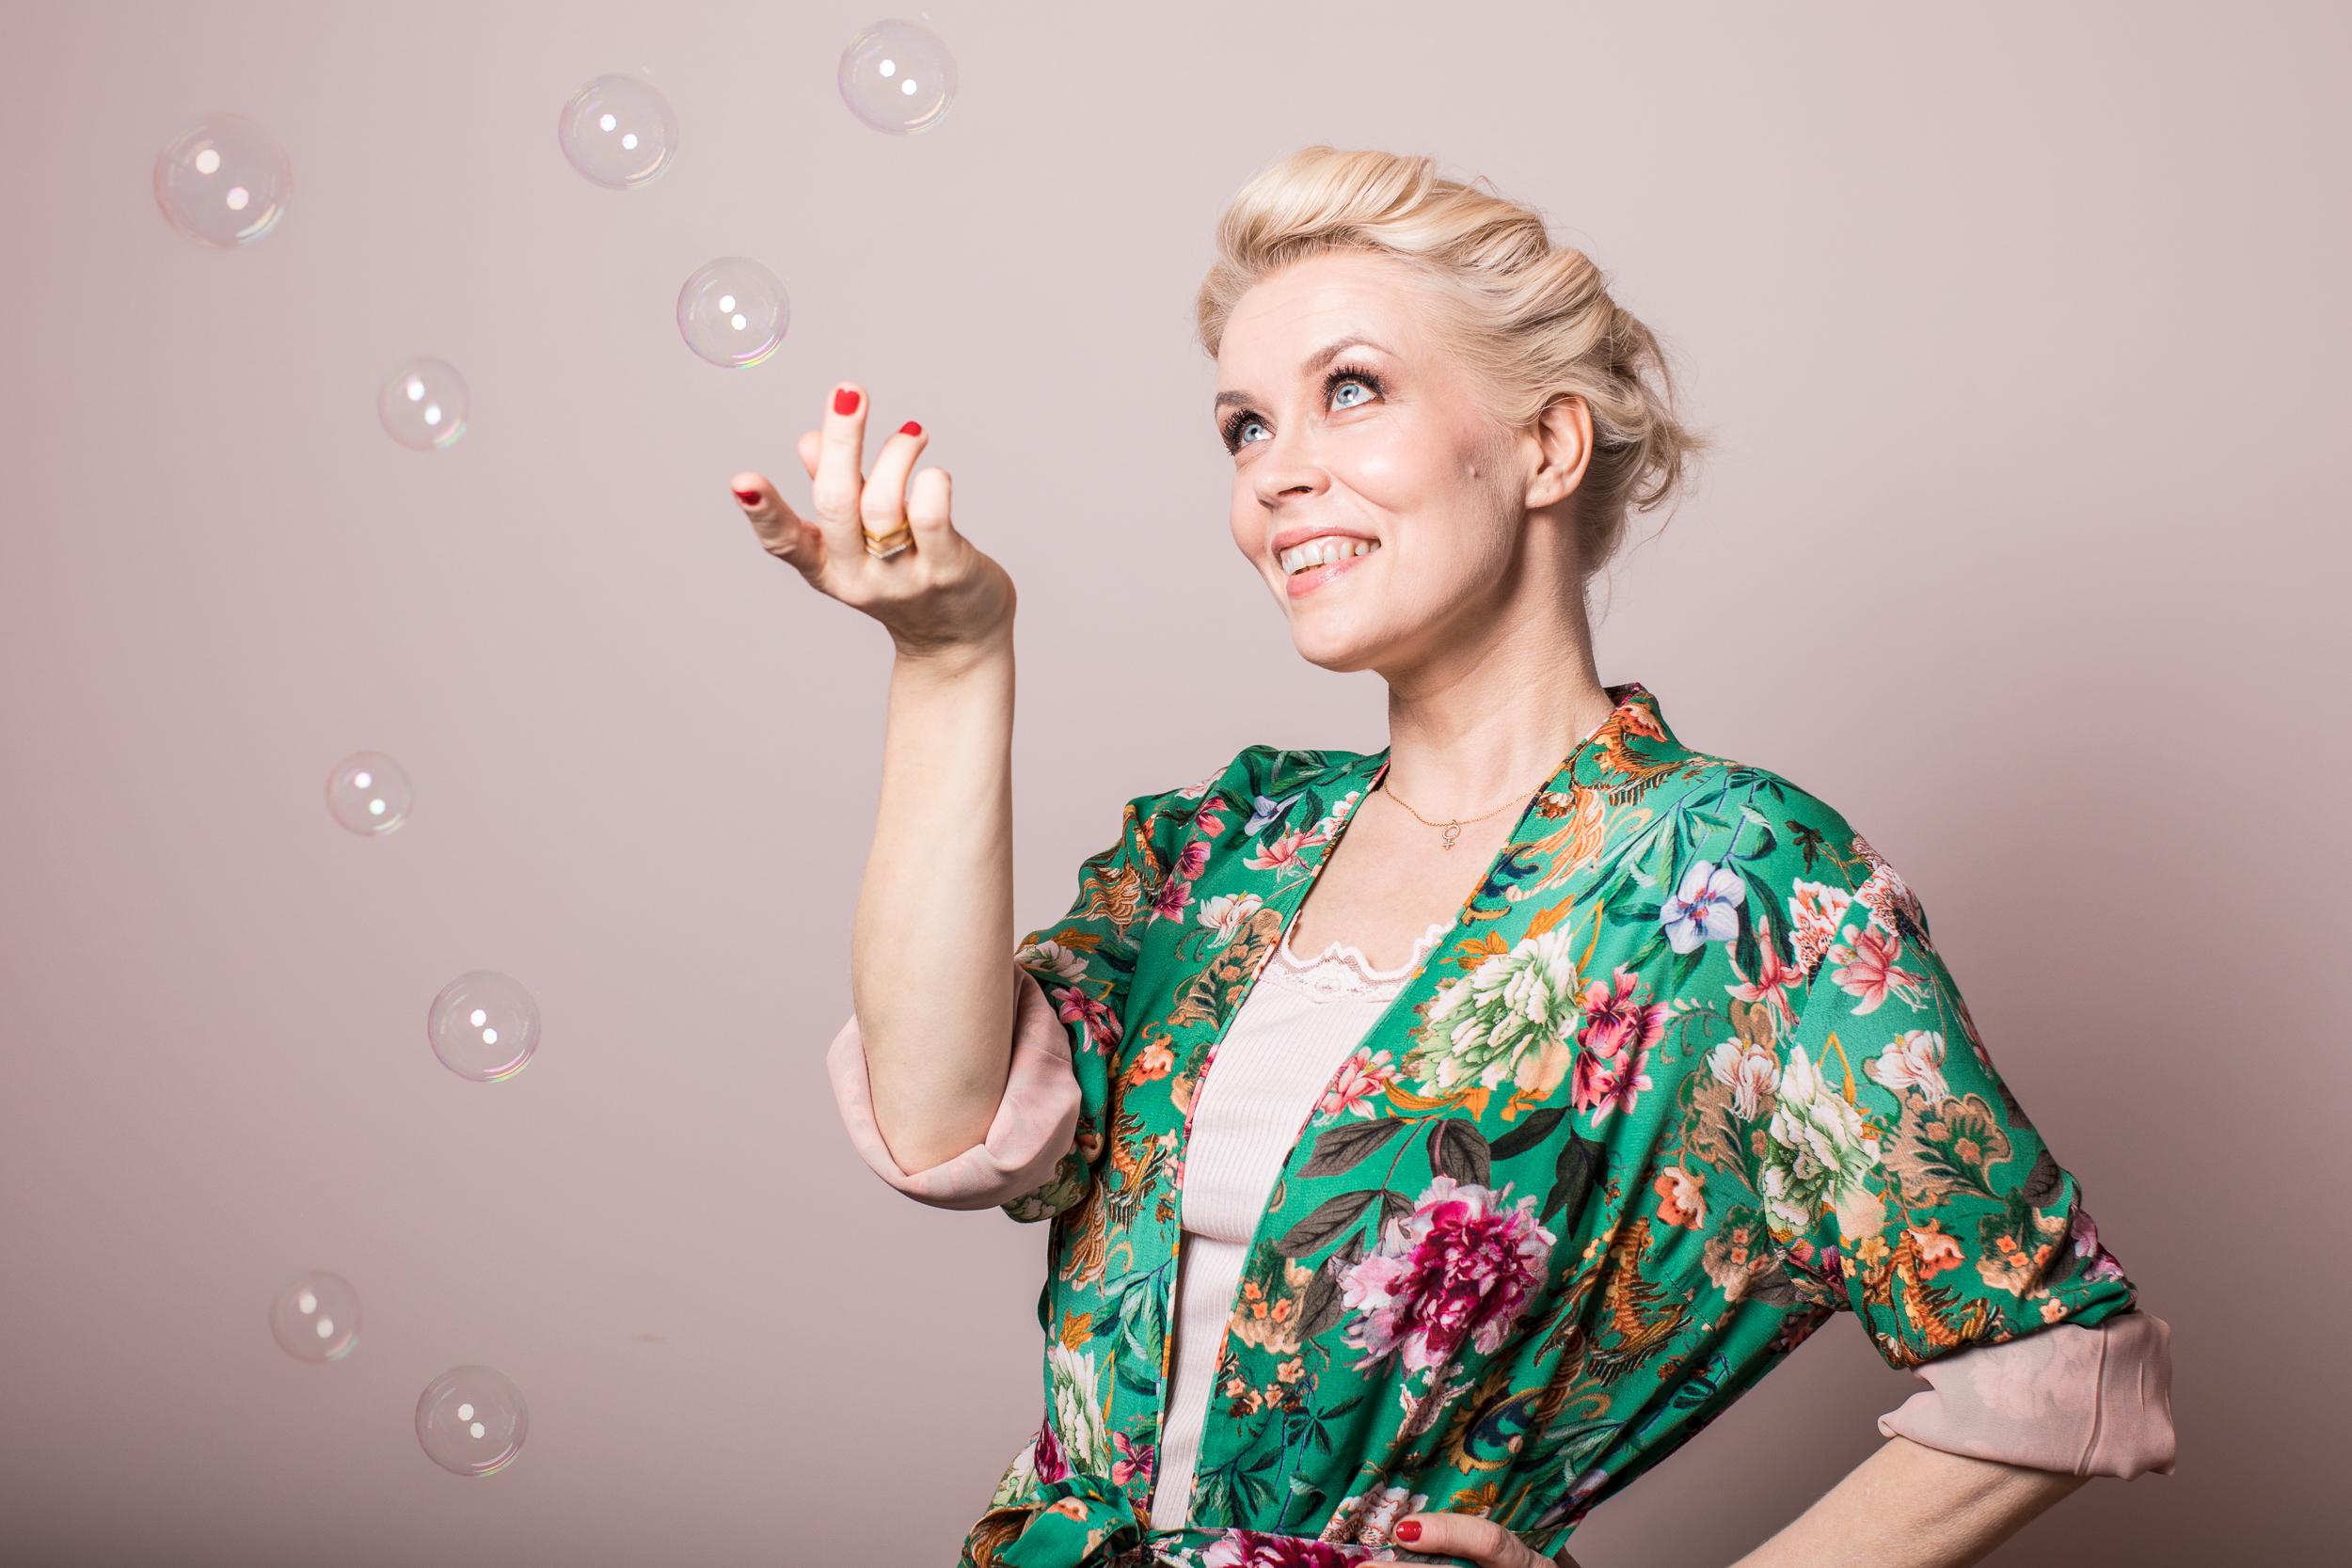 Johanna Hytti  on 20 vuoden laulajauran aikana kiertänyt ympäri maailmaa, niin pienillä kuin isoillakin areenoilla yhdessä Värttinän ja Kuunkuiskaajien kanssa. Vuonna 2010 hän edusti Suomea Oslon euroviisuissa ja hänellä on monipuolinen kokemus live-tilanteissa esiintymisestä eri medioissa. Johannalla on vankka kokemus luonnollisestä esiintymisestä ja jännittämisen selättämisestä.  Johanna on musiikin maisteri Sibelius-Akatemiasta sekä toiminut laulunopettajana yli 20 vuotta. Johanna on LCF Life Coach ja valmistuu NLP Traineriksi tammikuussa 2020. Valmentajana ja kouluttajana Johannan mielenkiinto kohdistuu erityisesti esiintymiseen, vuorovaikutukseen, intuitioon ja luovuuteen. Lue lisää Johannasta  www.johannahytti.fi